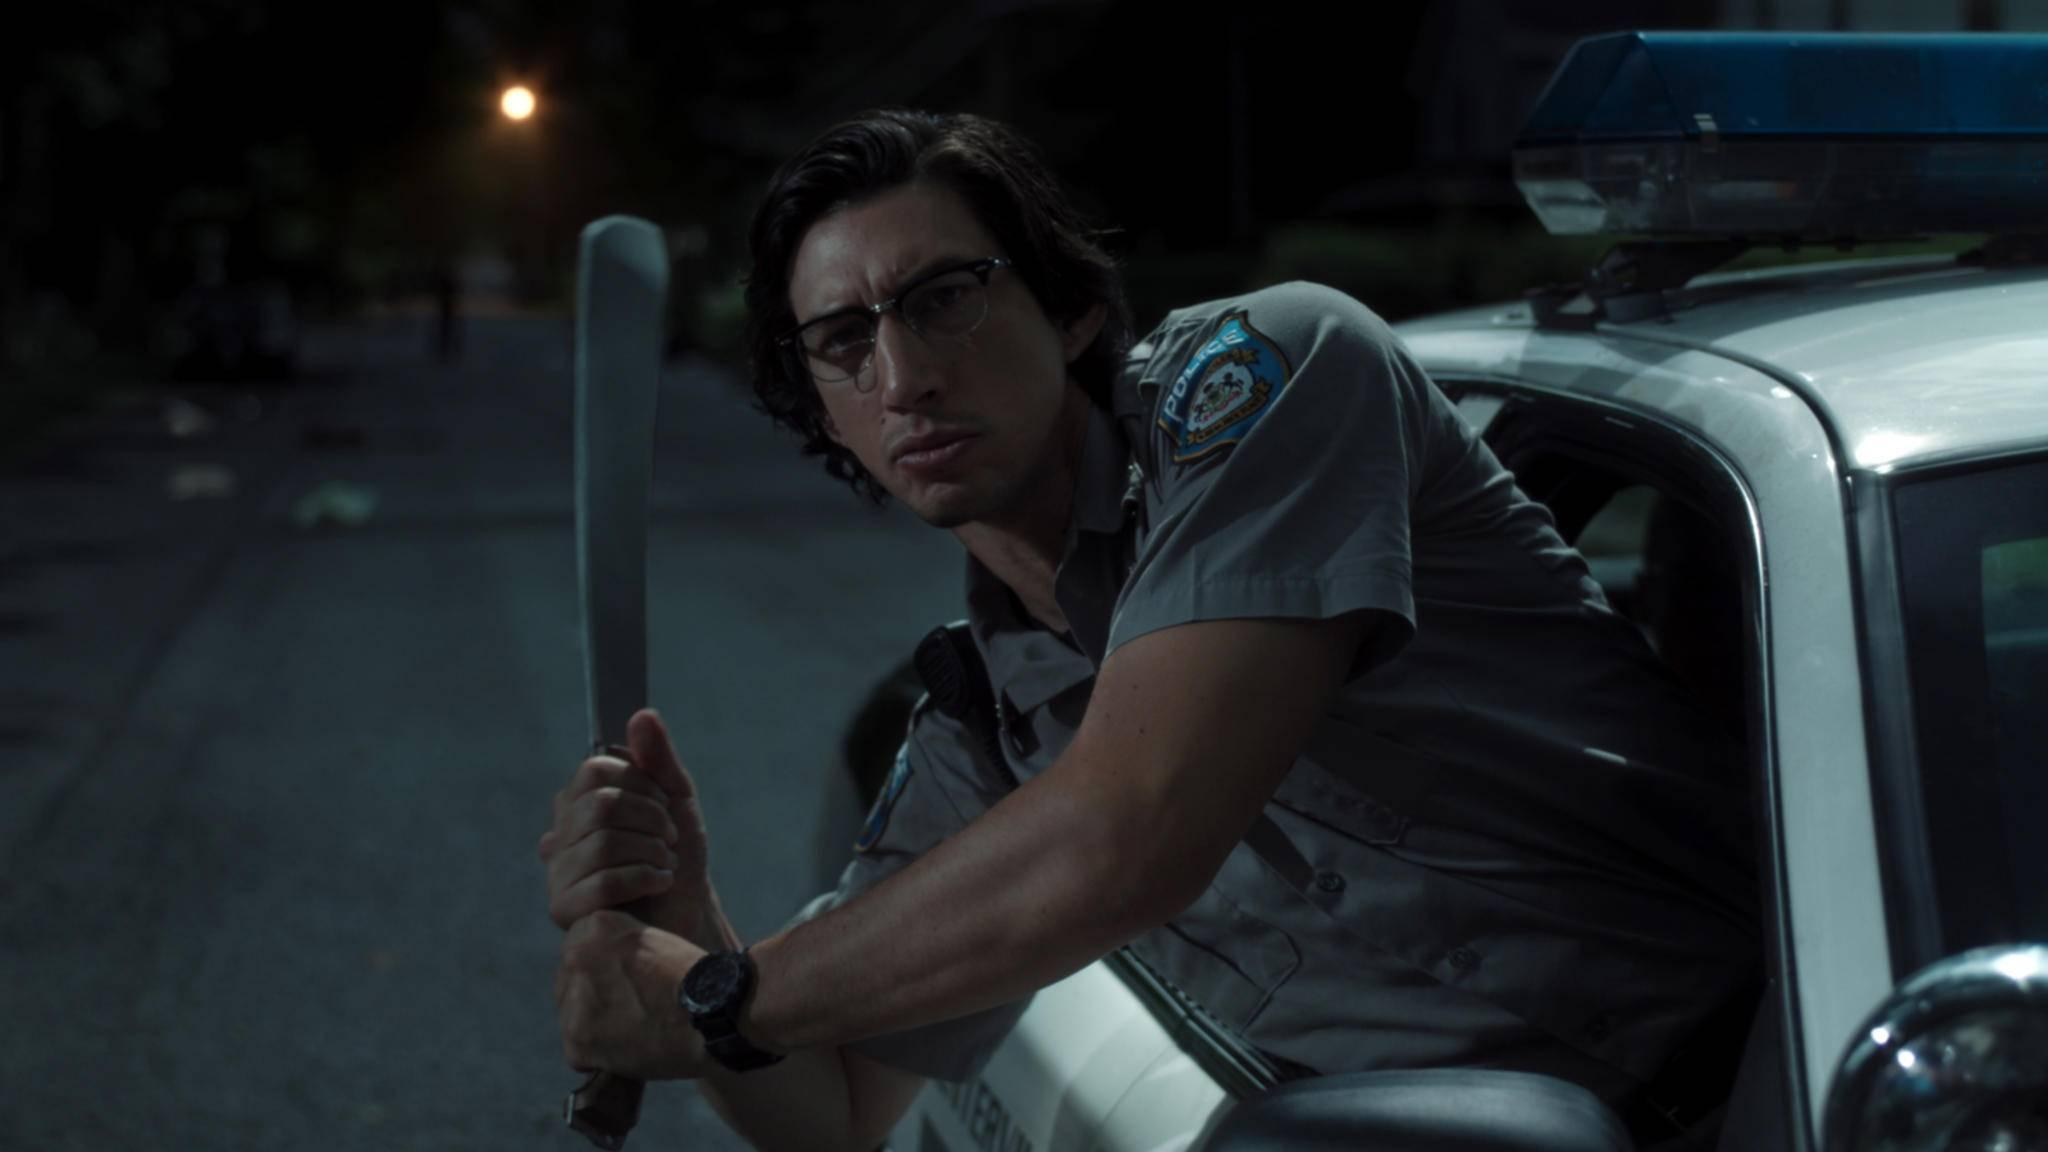 Egal, ob Zombiejäger, KKK-Anführer wider Willen oder Priester: Adam Driver spielt gerne die unterschiedlichsten Rollen.